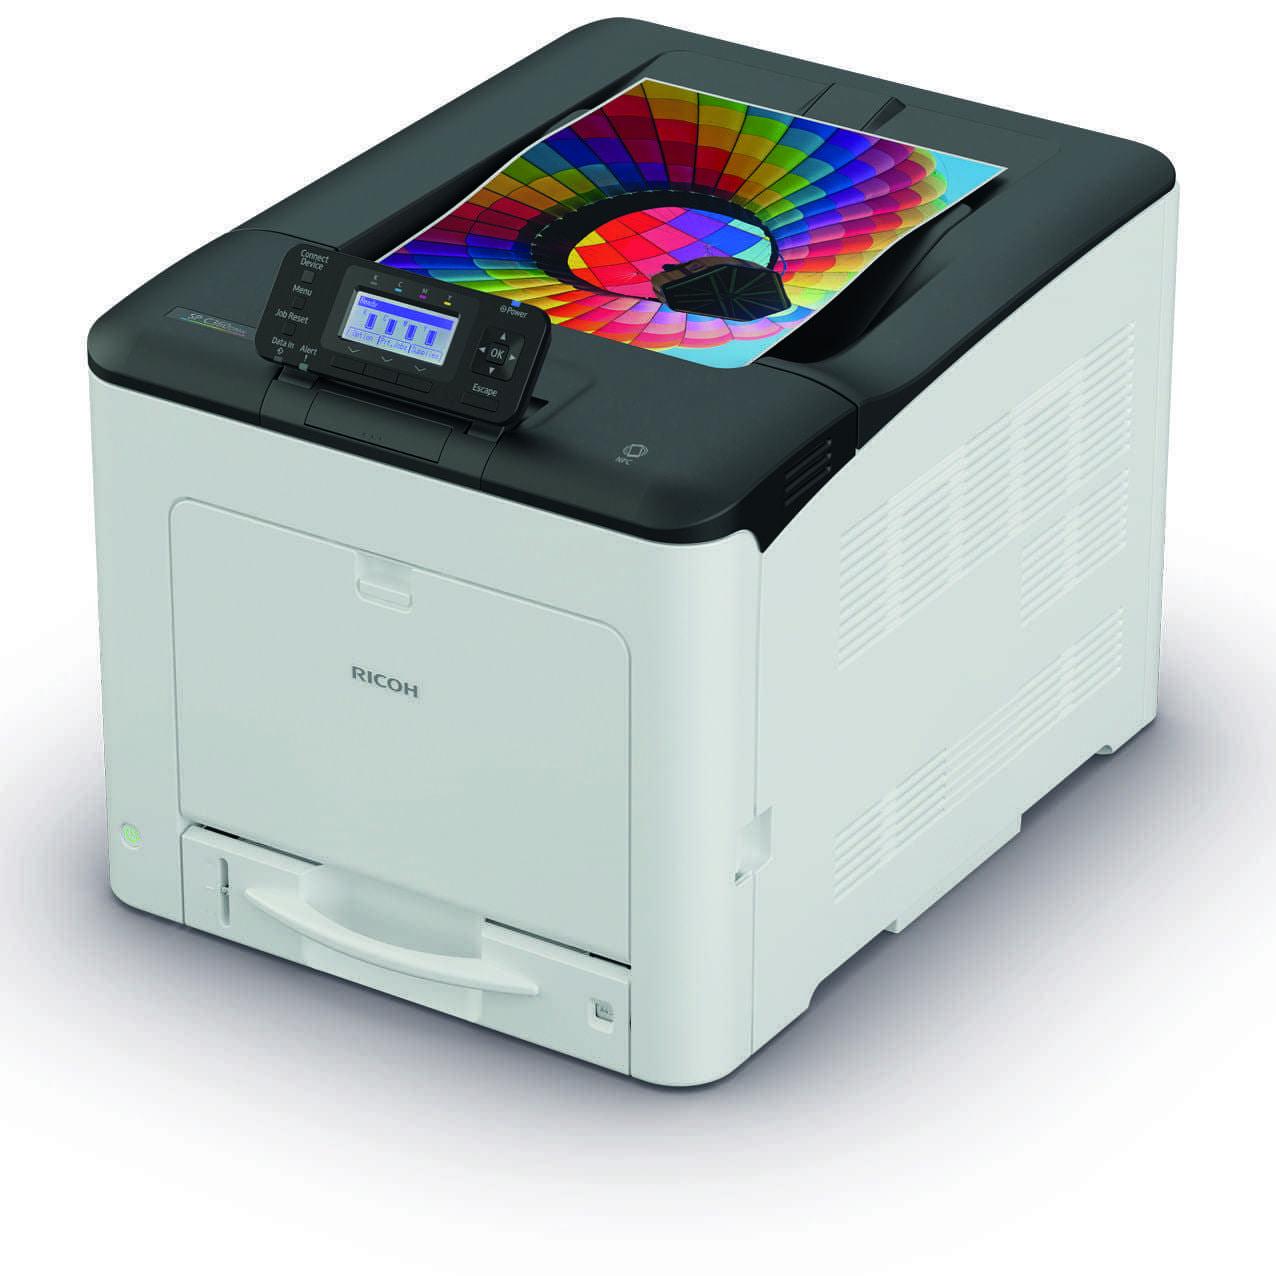 Ricoh выпустила новые быстрые устройства для малых офисов (C360DNw printer)